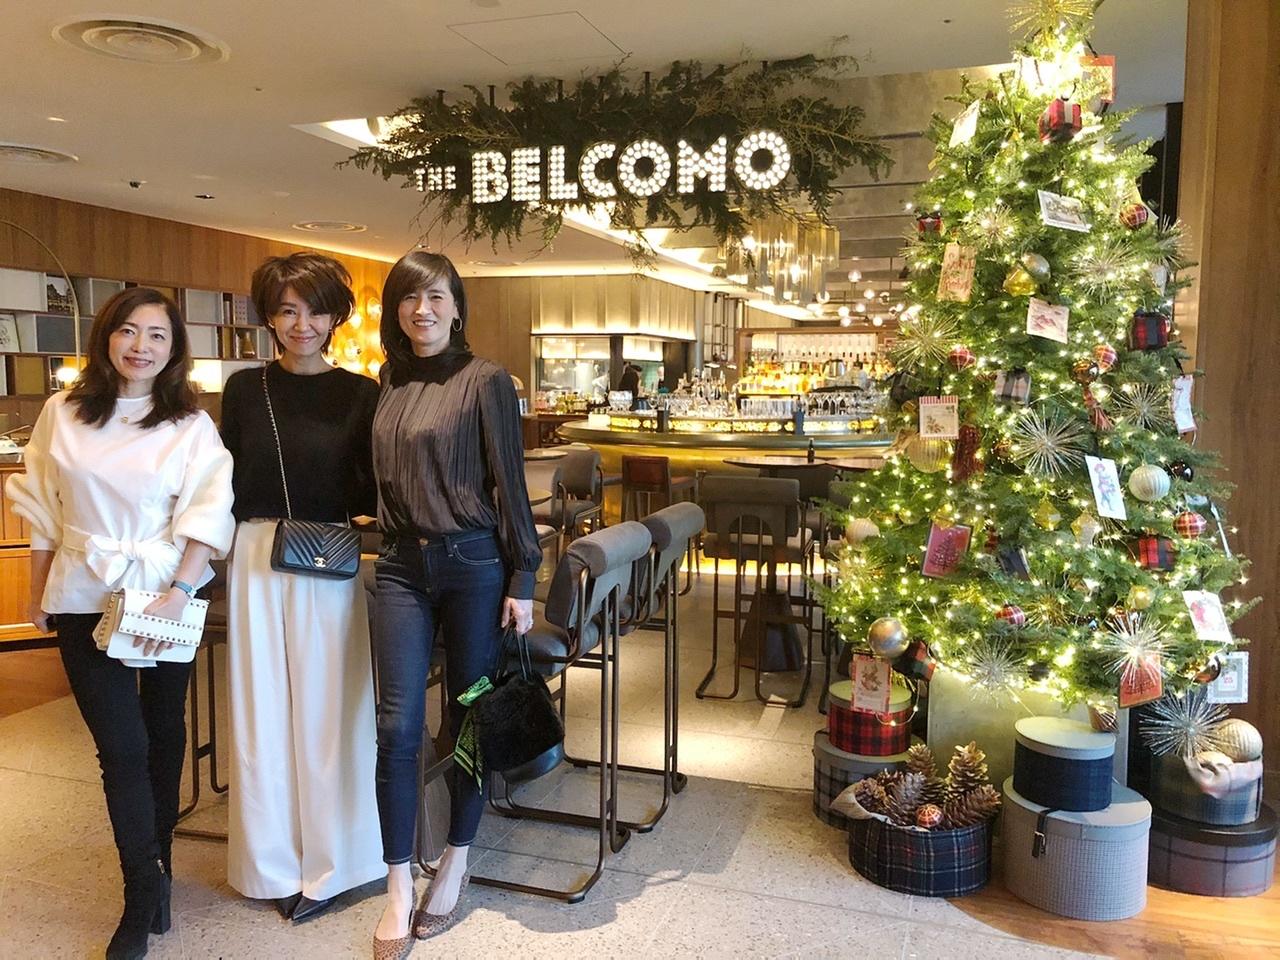 青山THE BELCOMOランチ&レッスンday_1_1